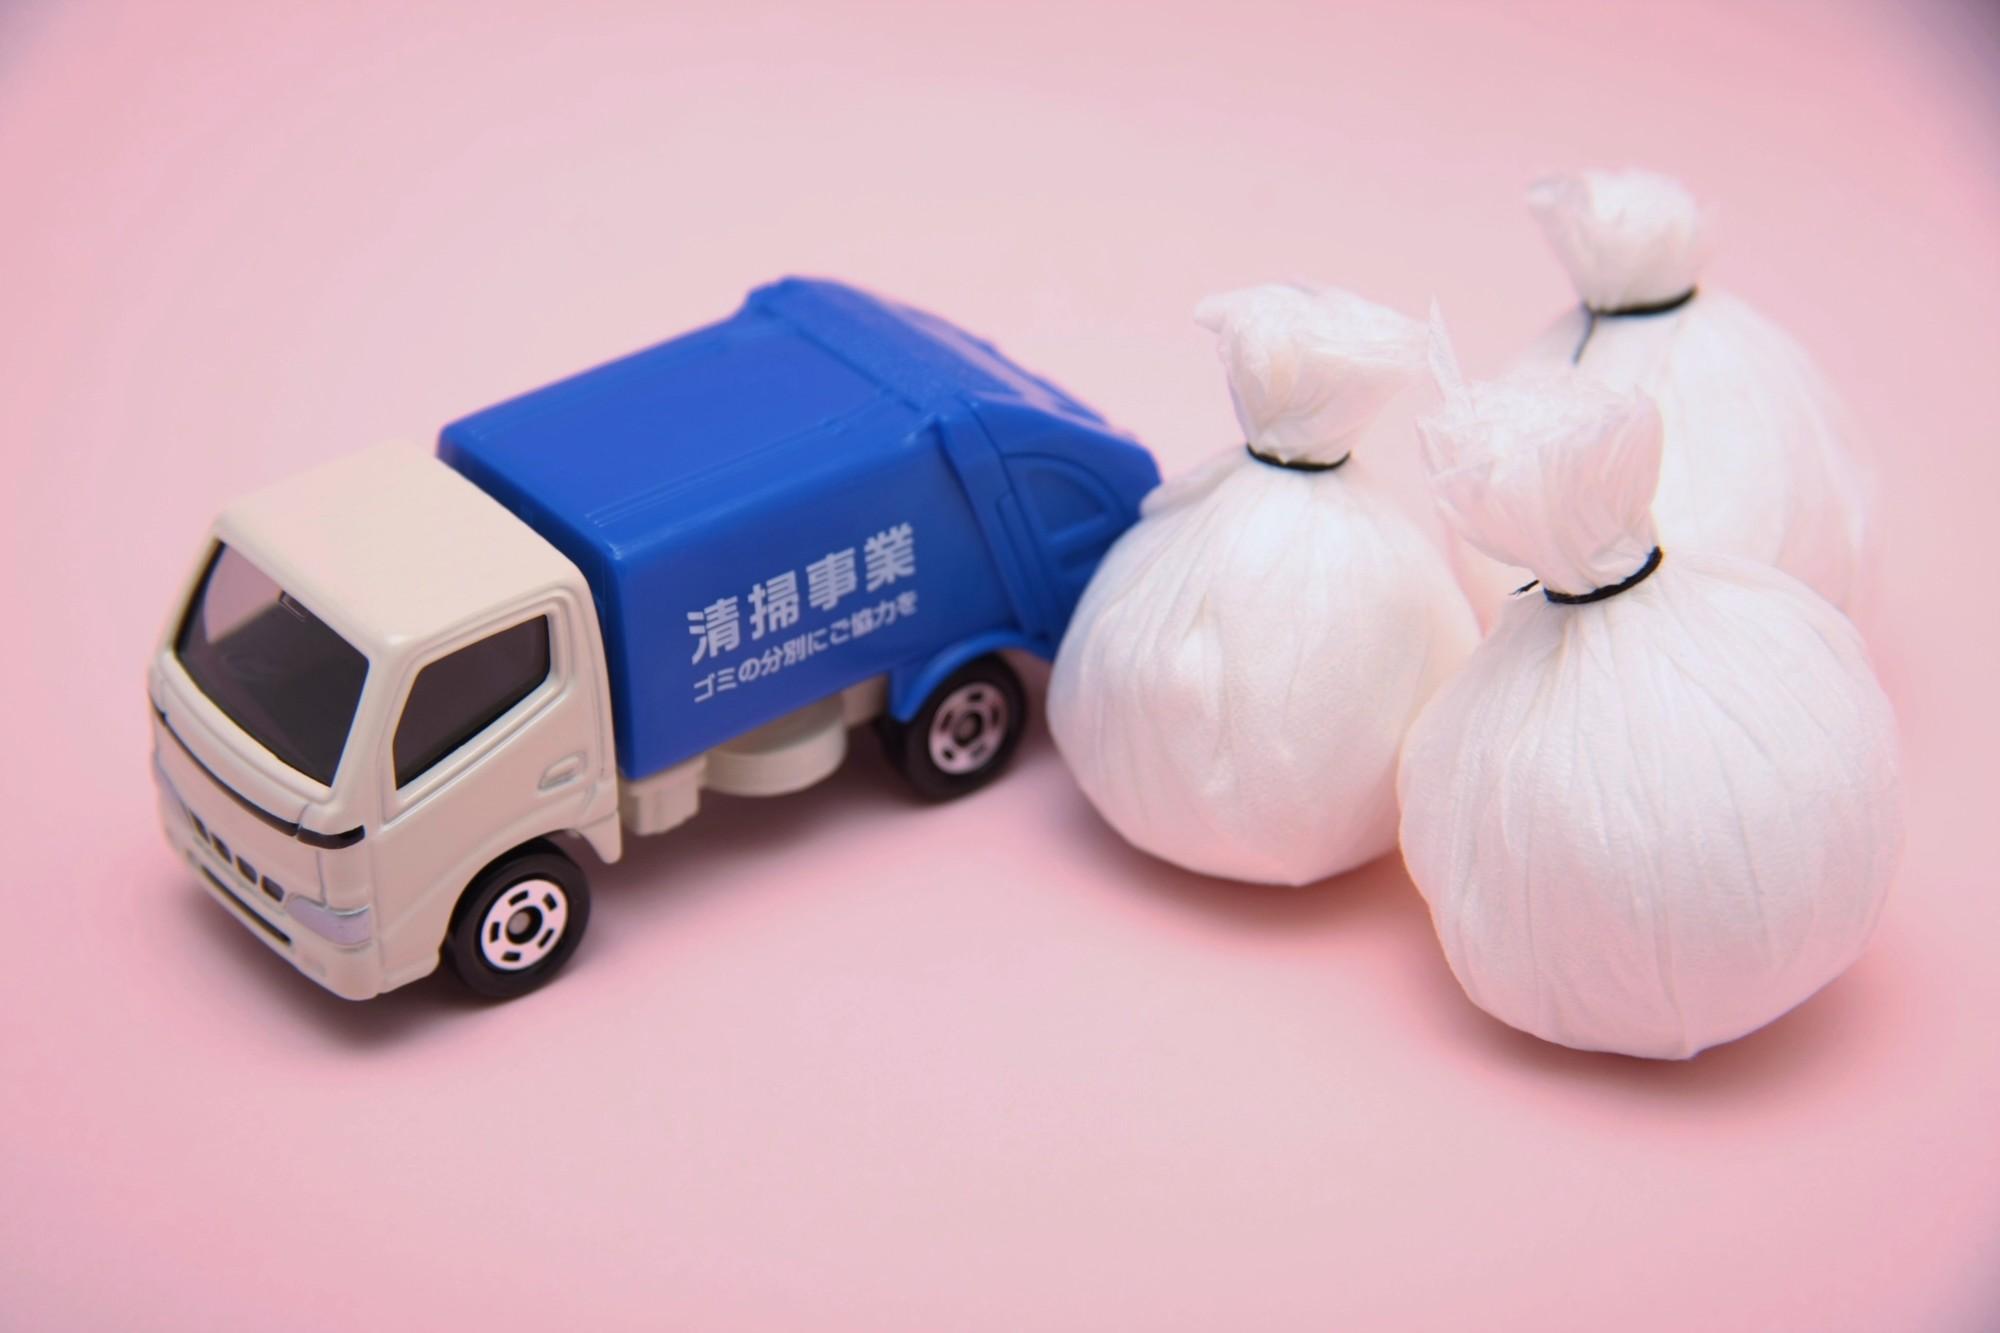 引越し時の粗大ごみ処分の方法とは。3種類の方法を紹介